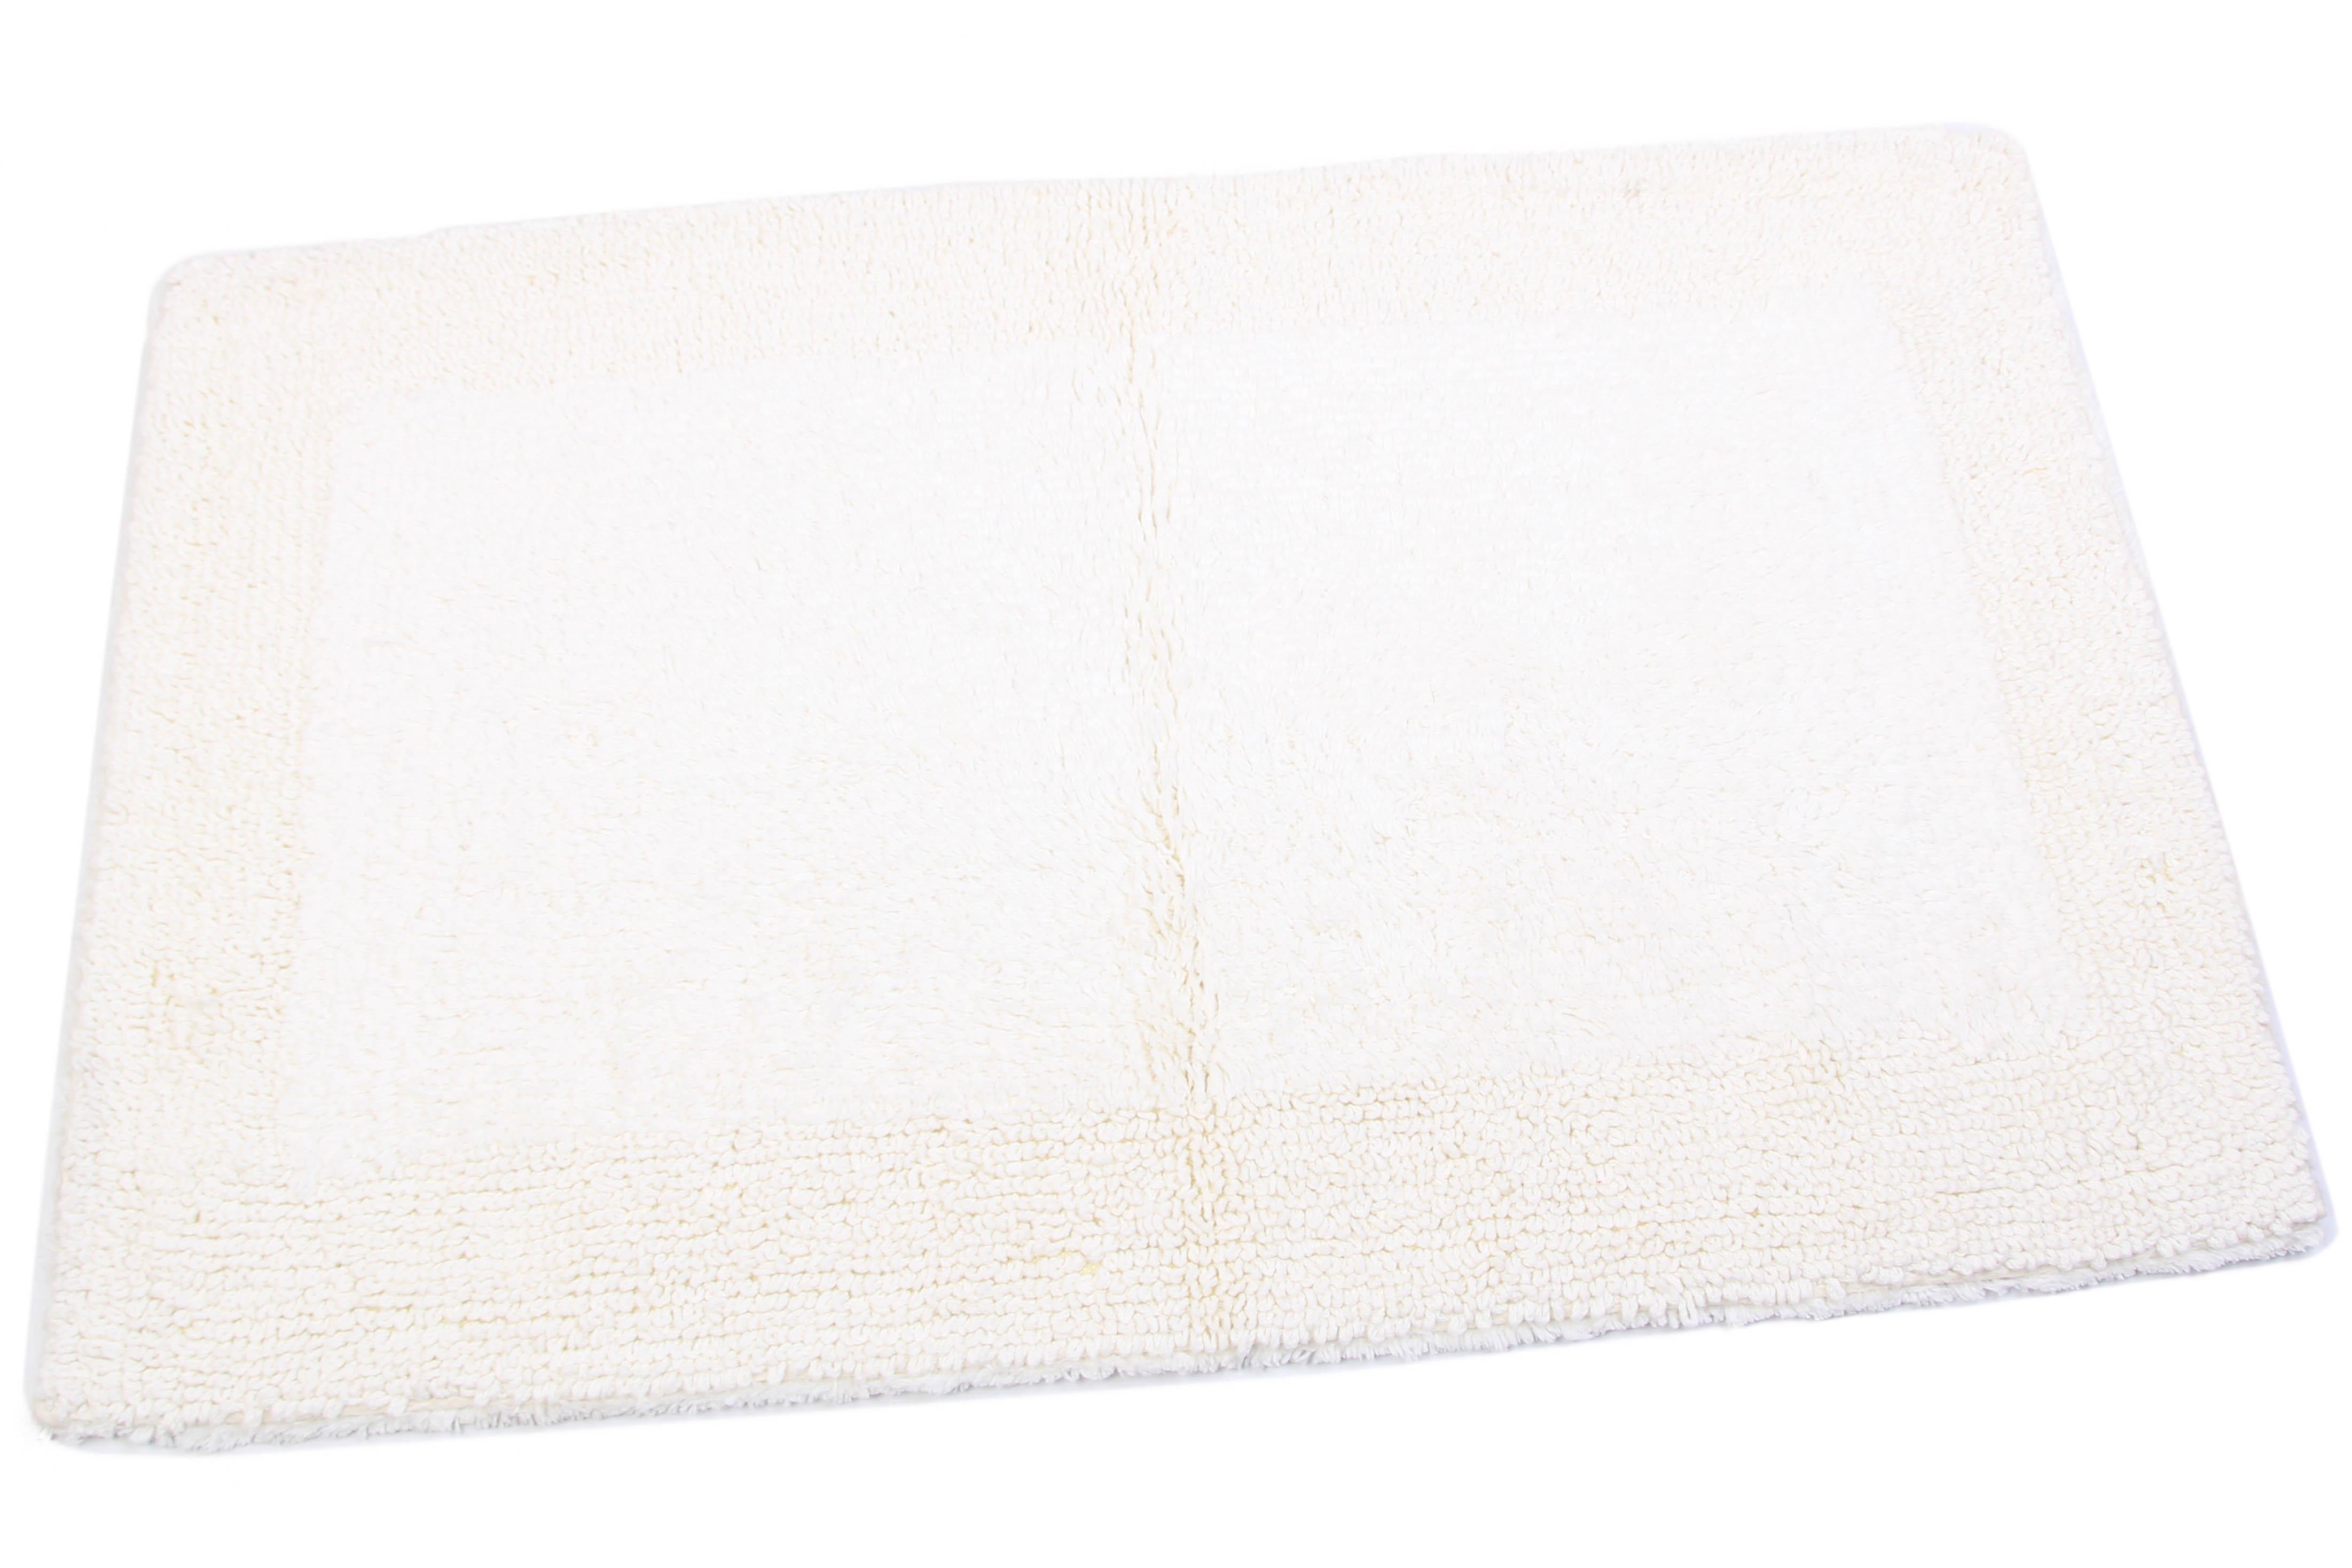 Аксессуары для ванной и туалета Ганг Коврик для ванной Gerry  (50х80 см) коврик для ванной арти м 50х80 см 817 0